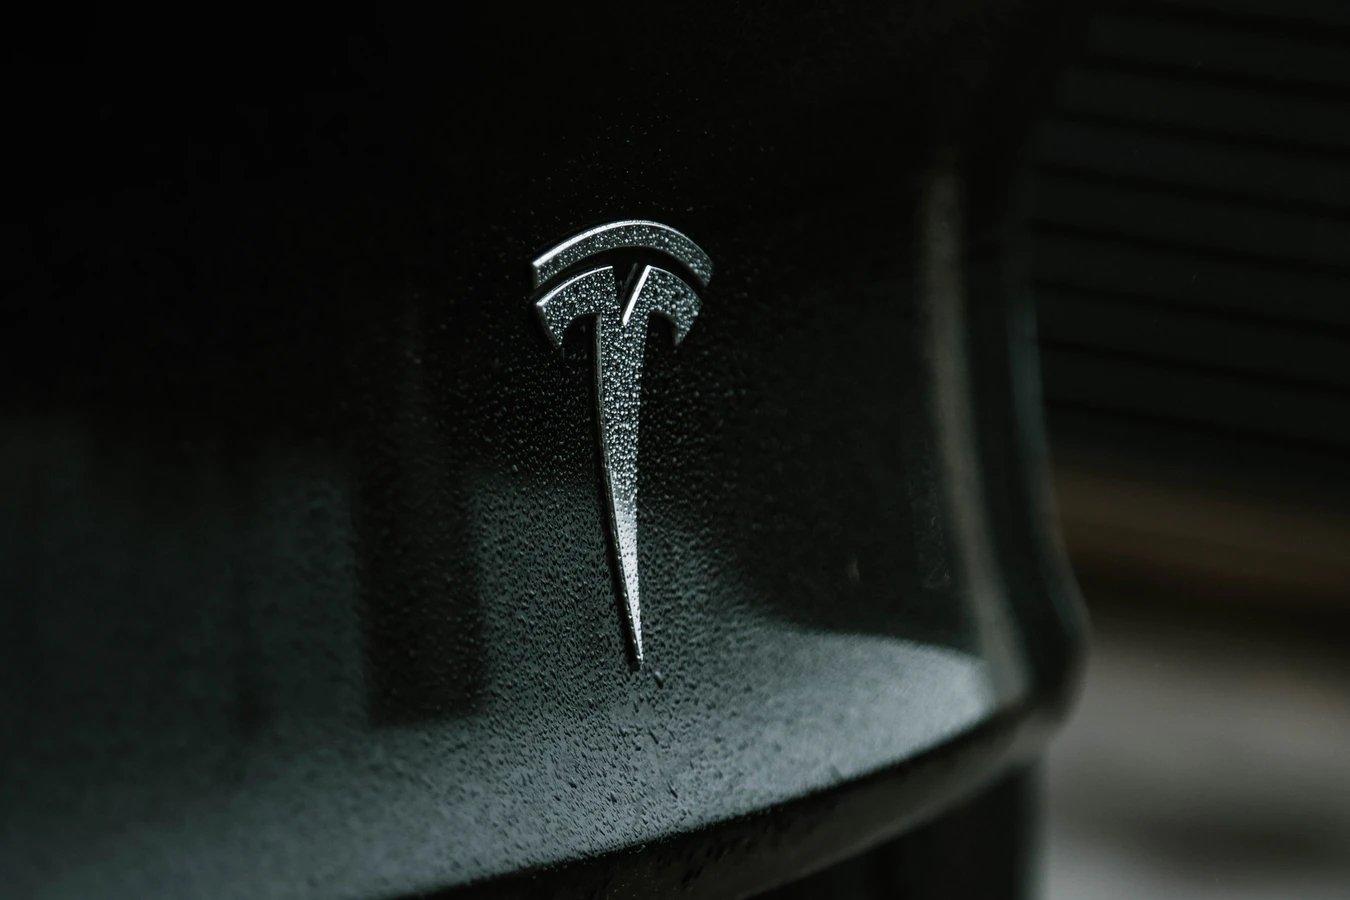 Tesla veículo logo